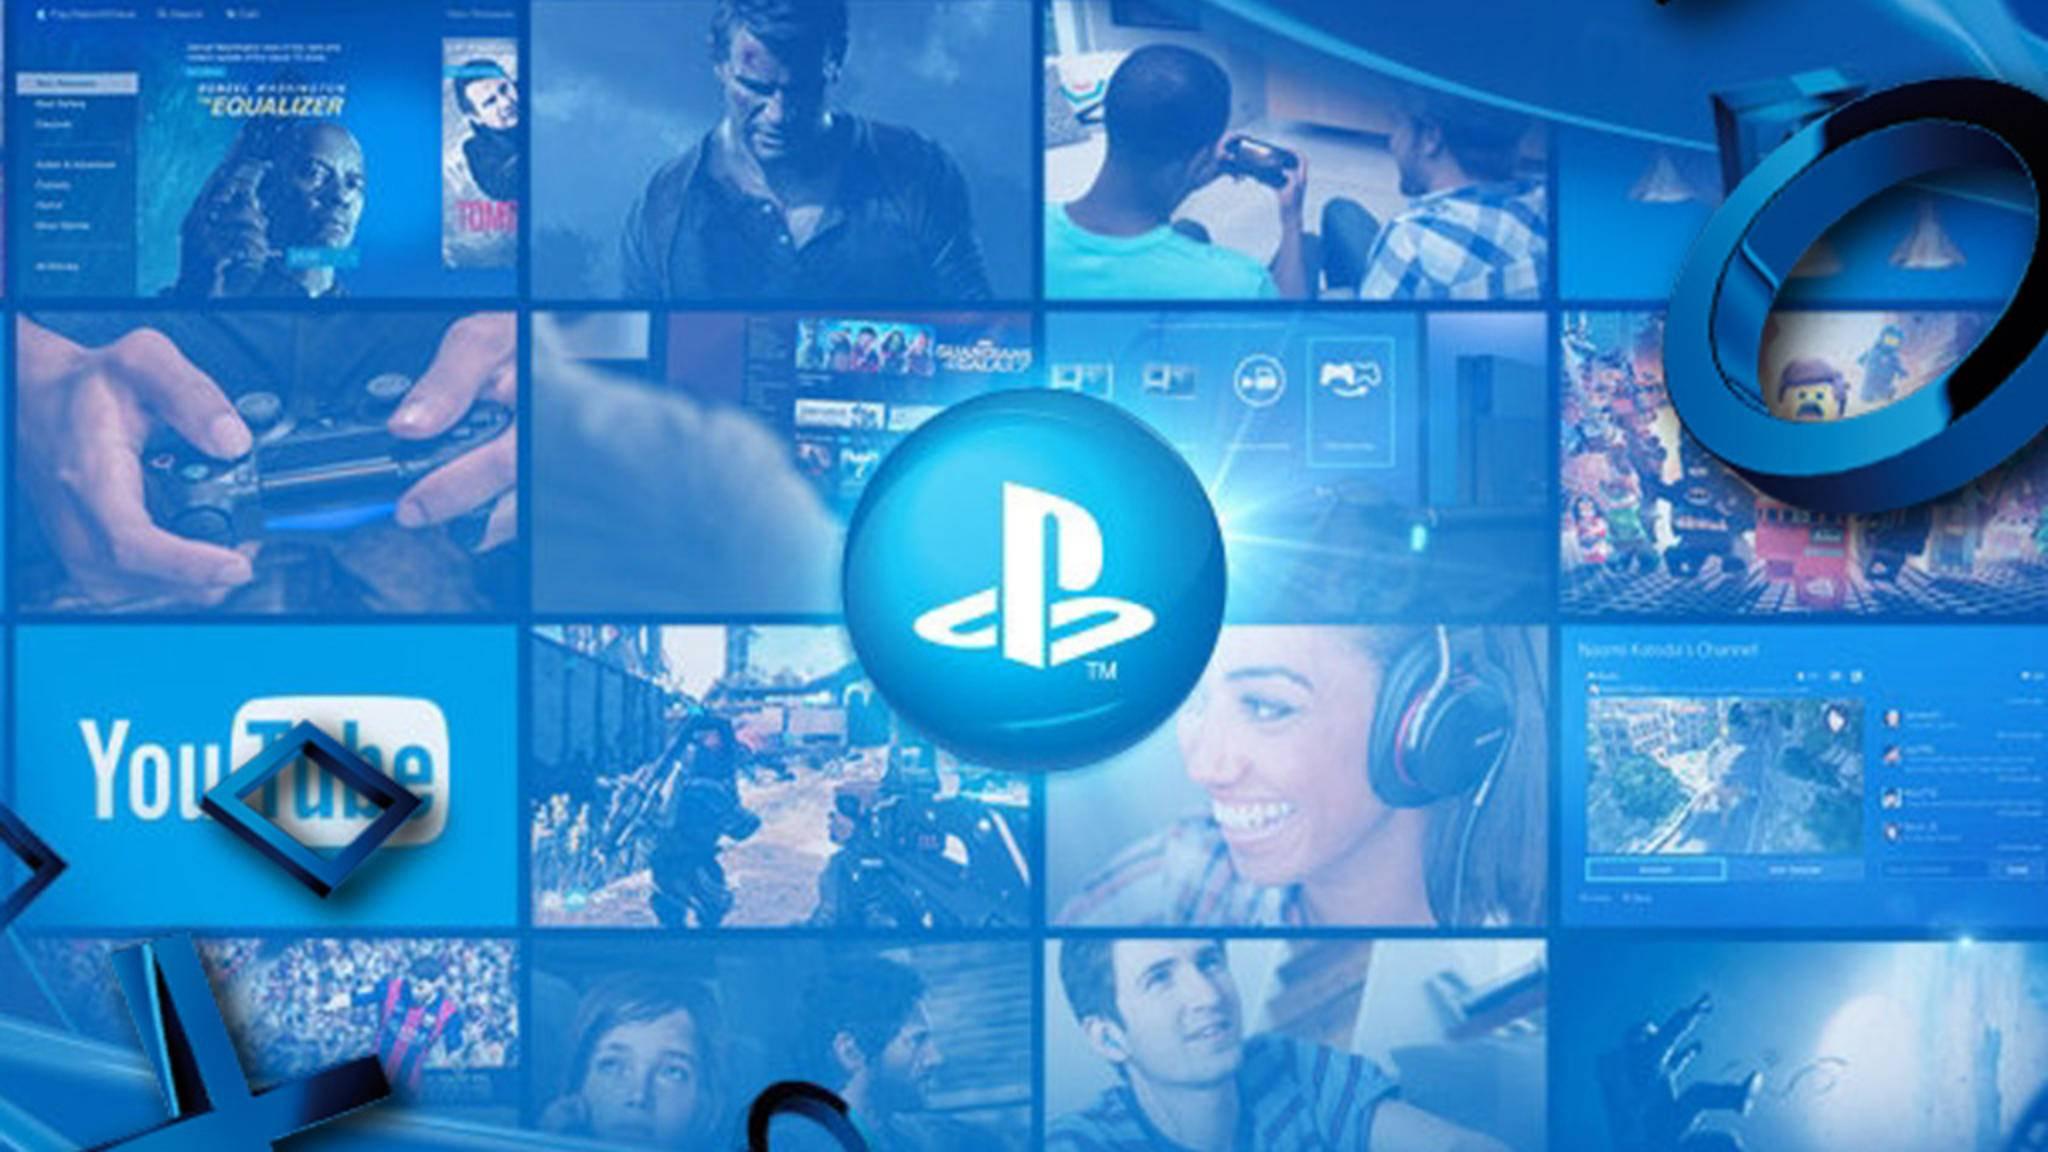 Führt Sony bald eine Funktion zum Ändern des PSN-Namens ein?